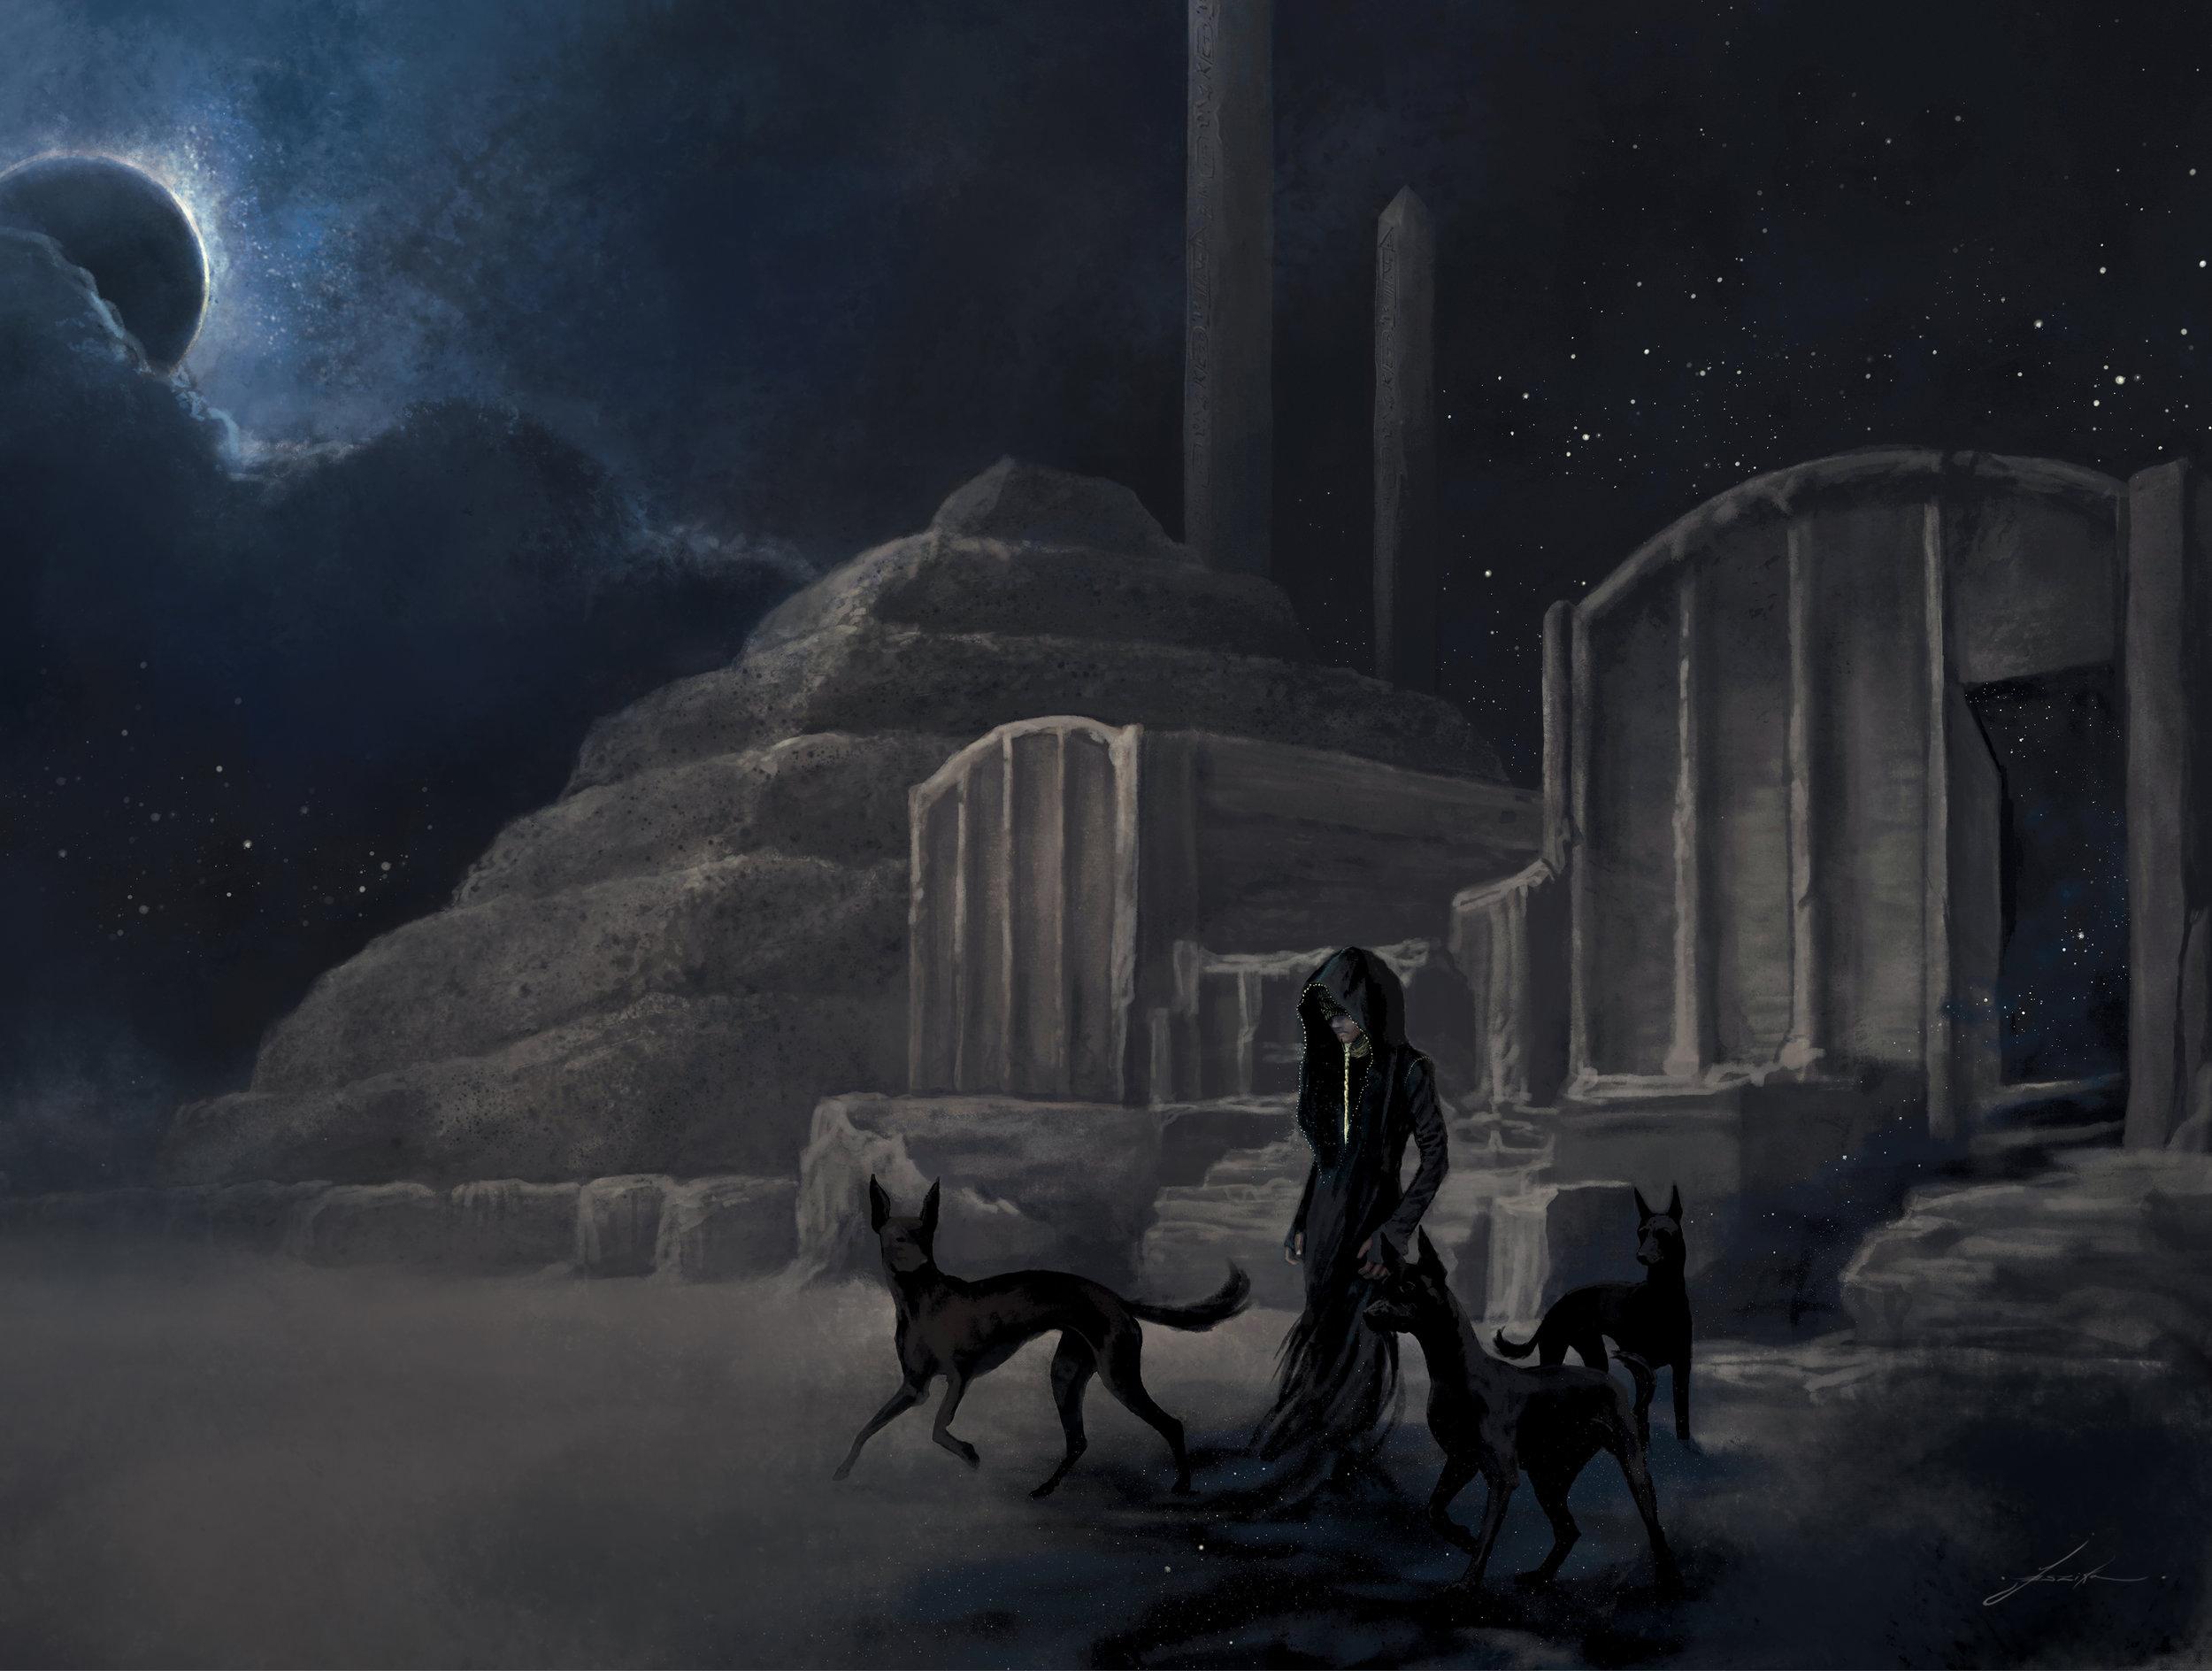 Anubis - What Darkness Reveals